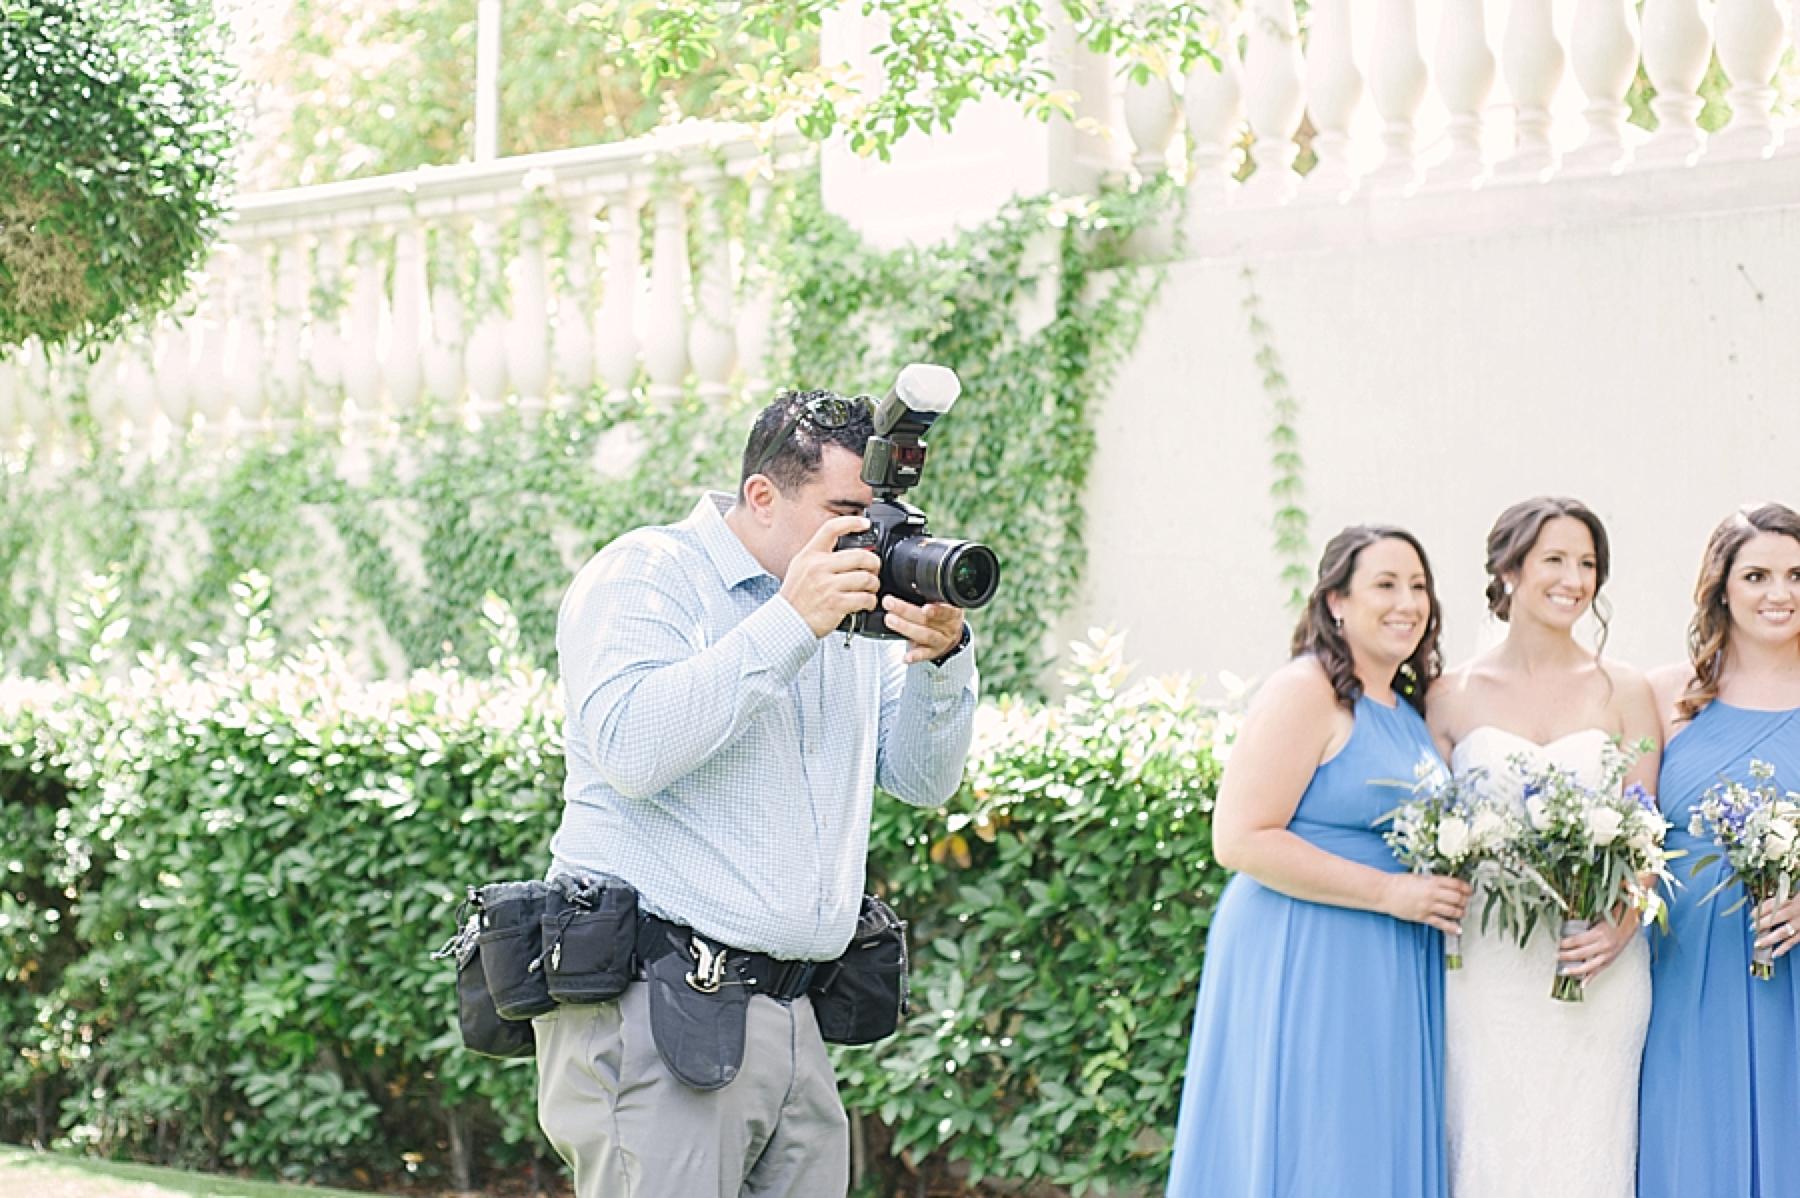 las_vegas_wedding_photographers_behind_the_scenes-04-7.jpg